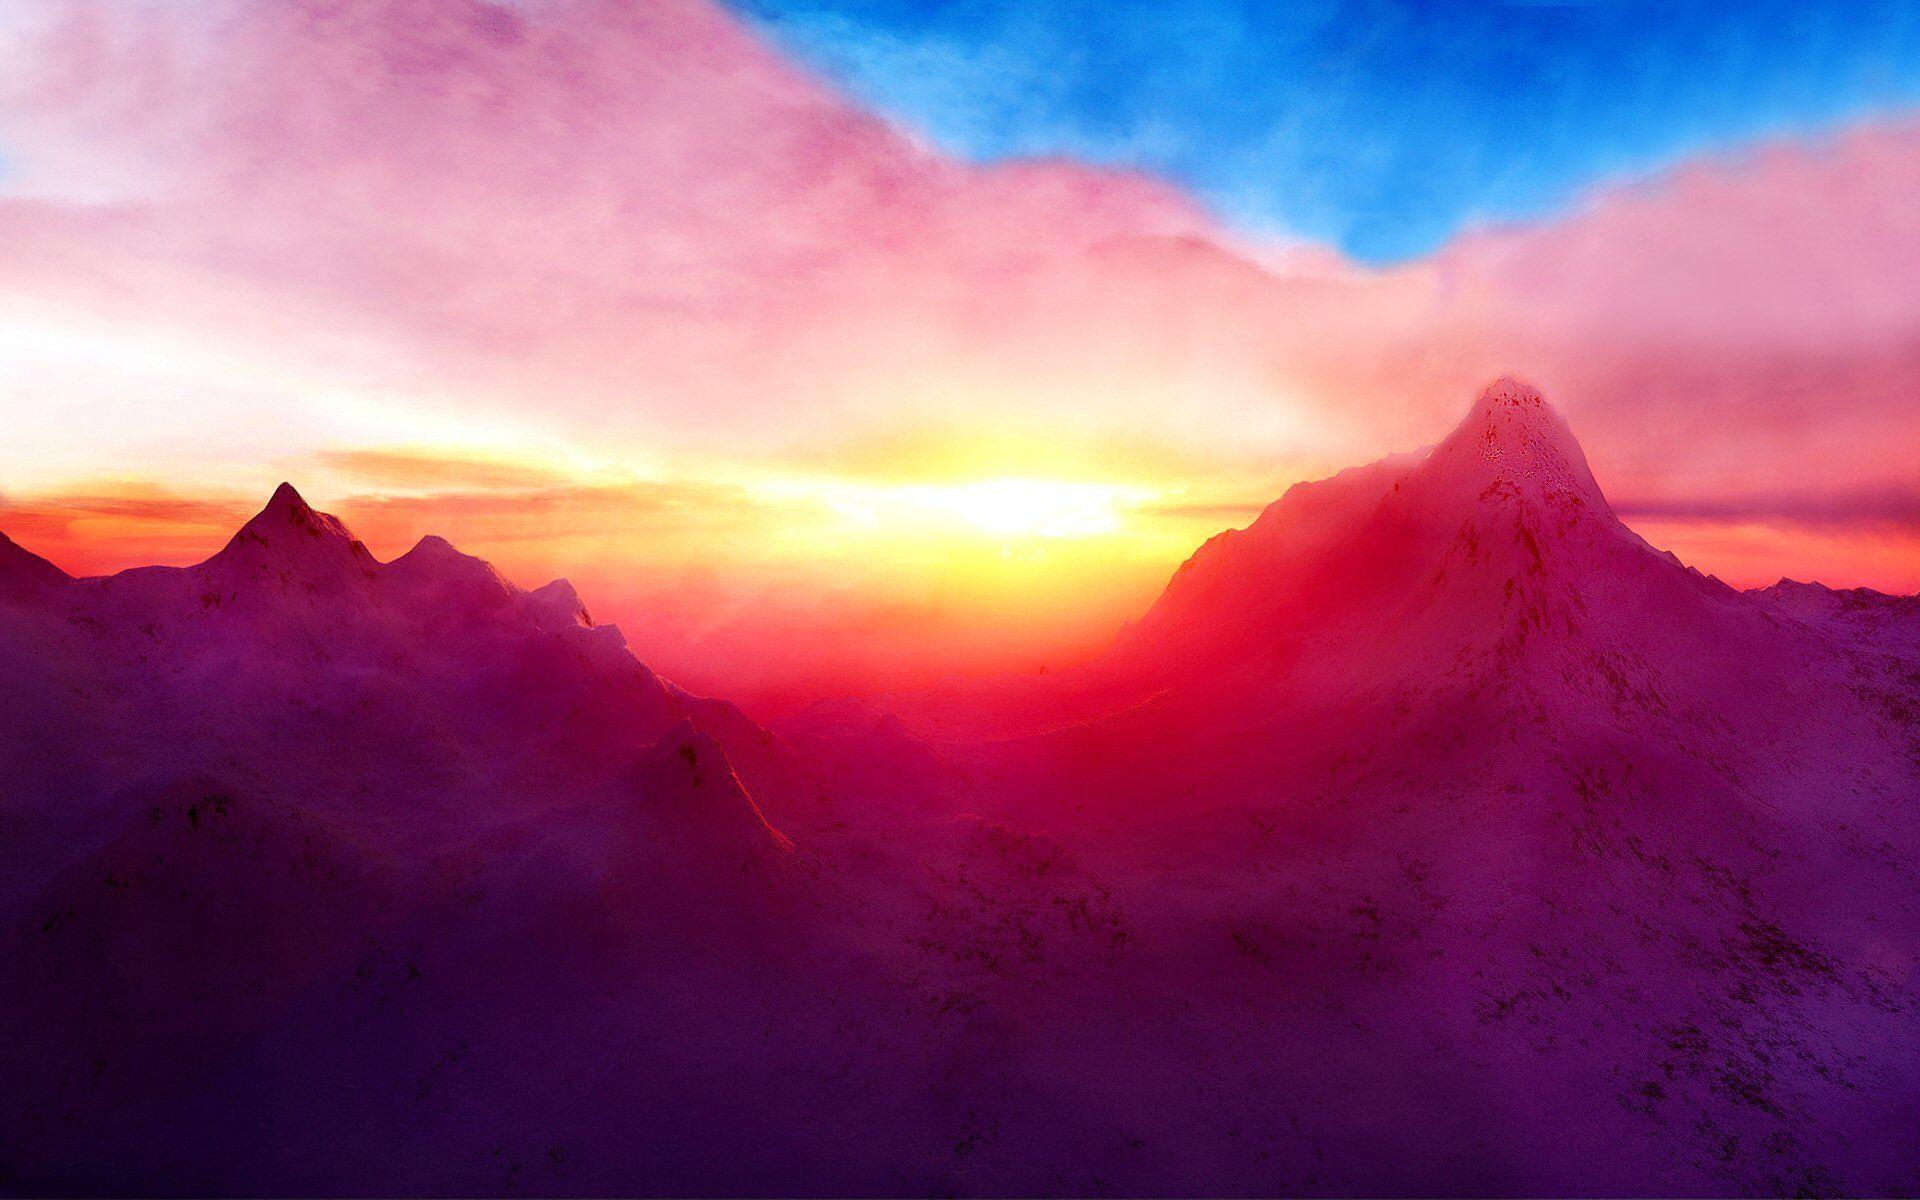 1920x1200 Mountain HD Hình nền và Hình nền